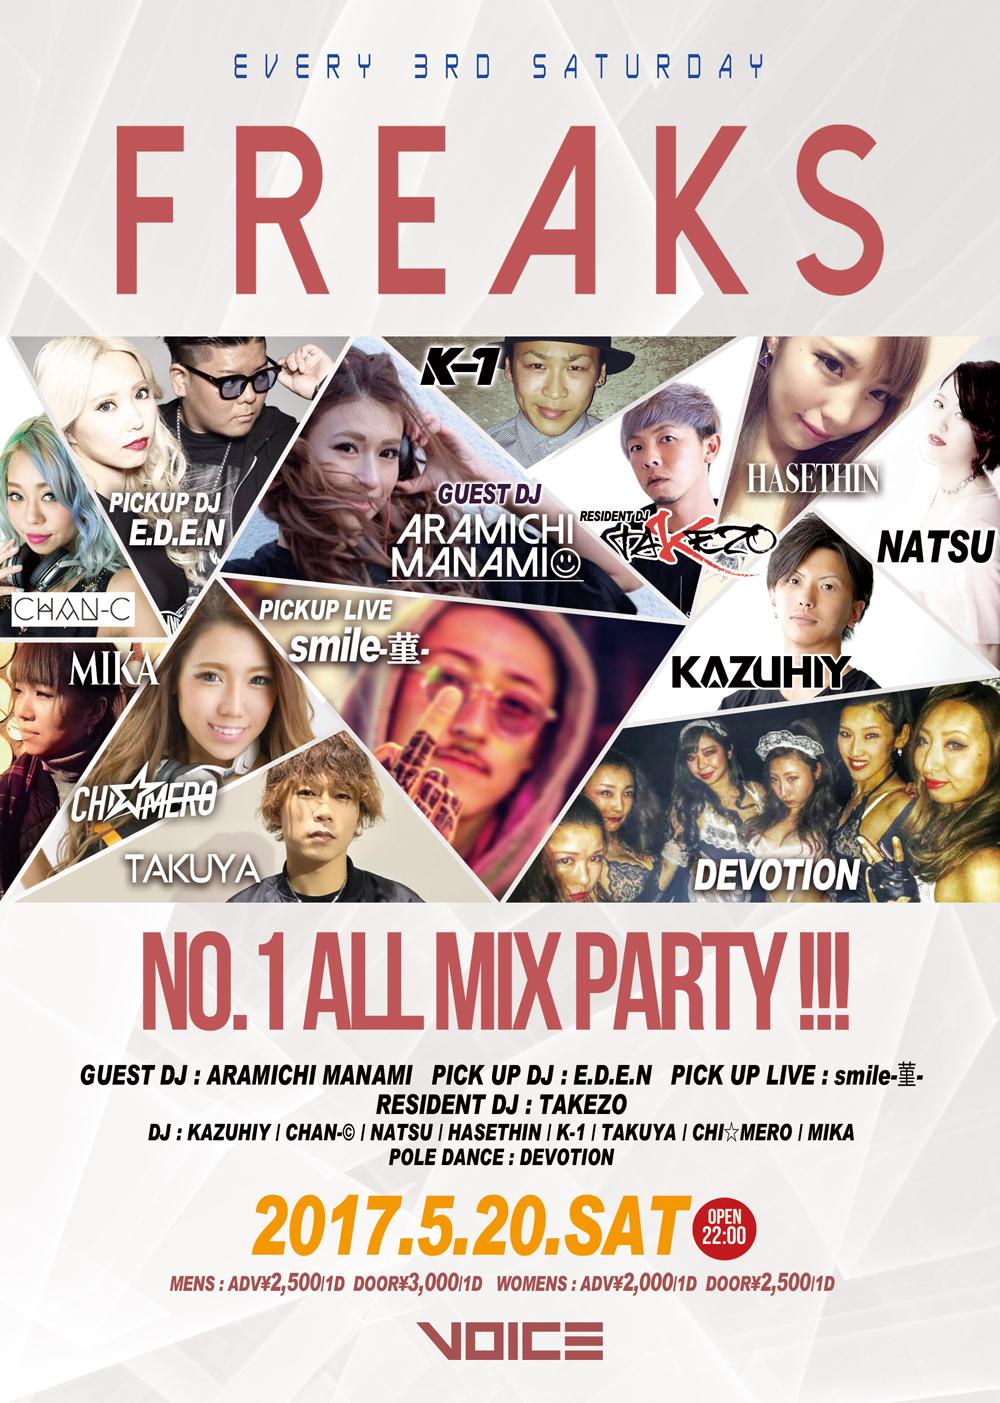 freaks3